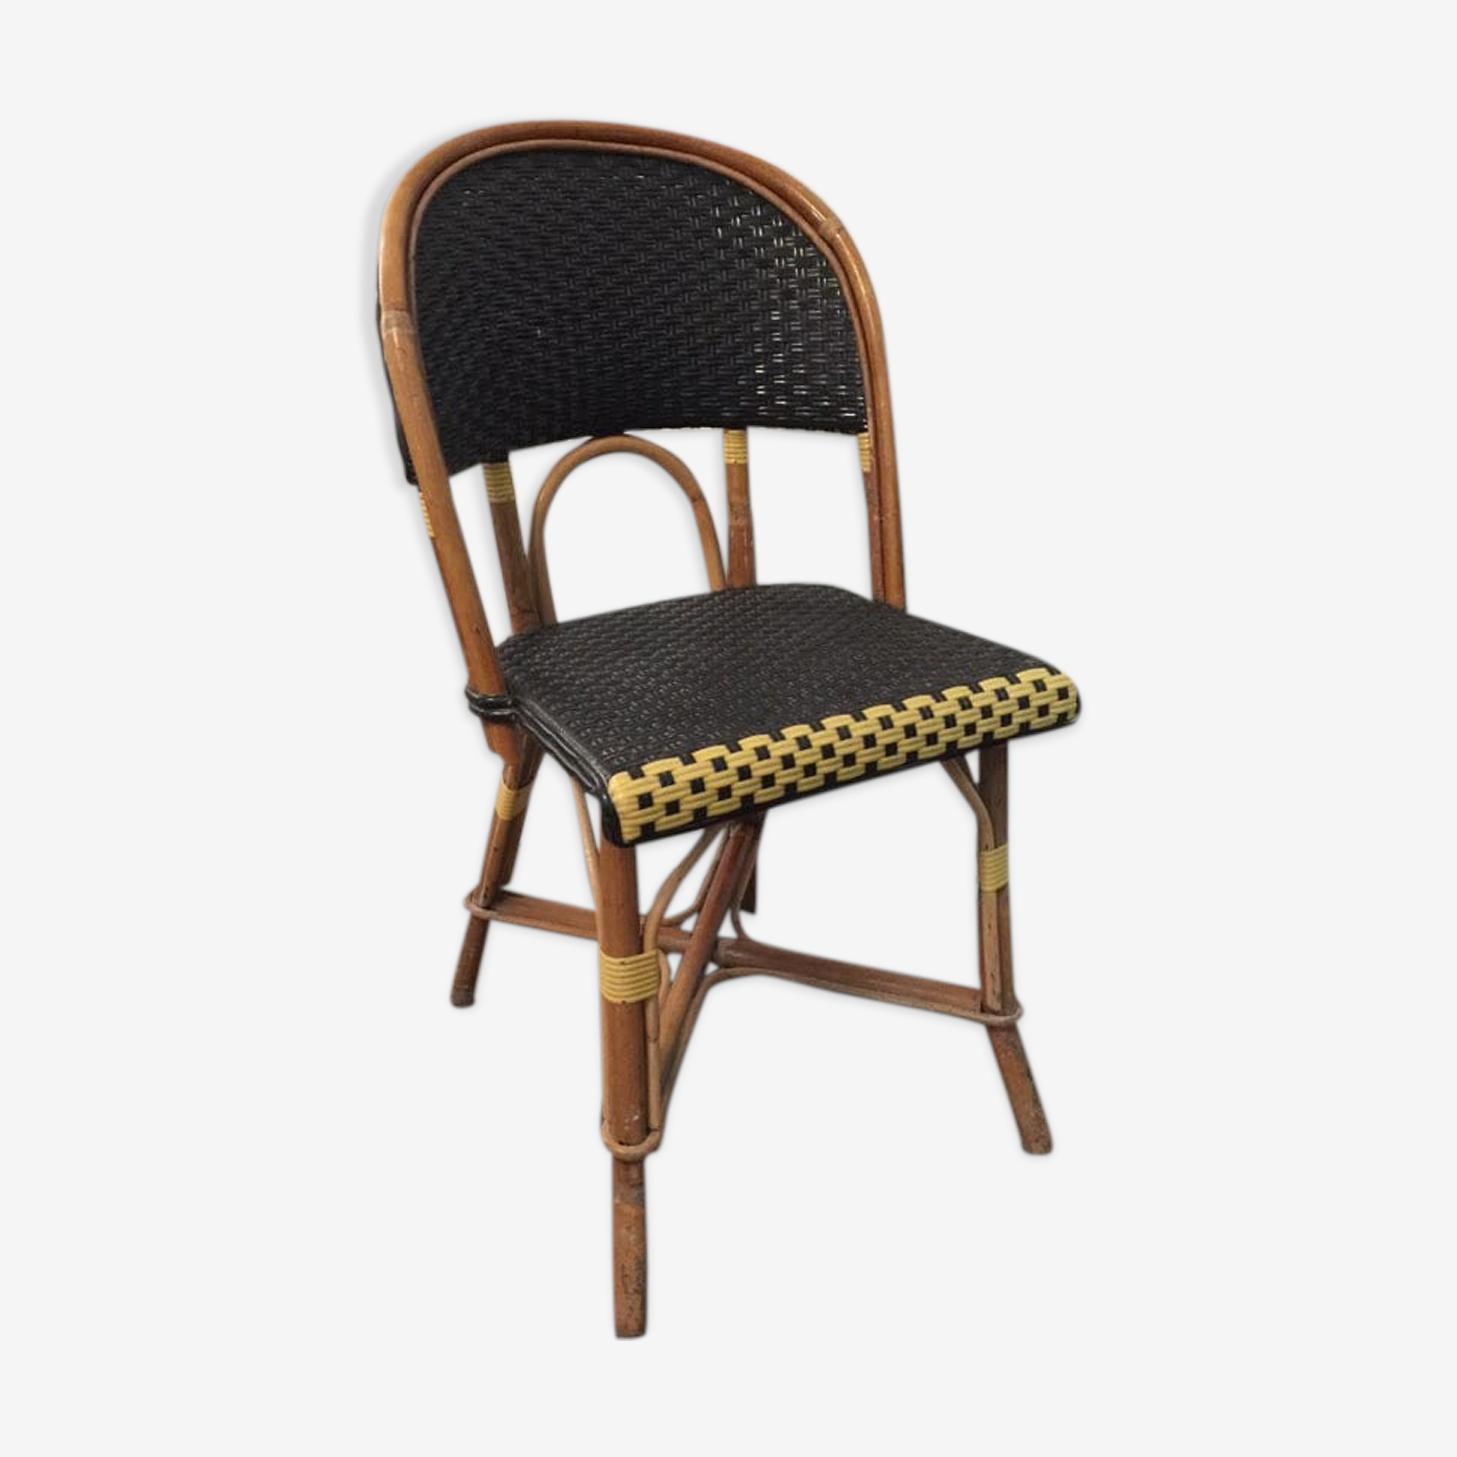 Chair in rattan and wicker Maison Gatti